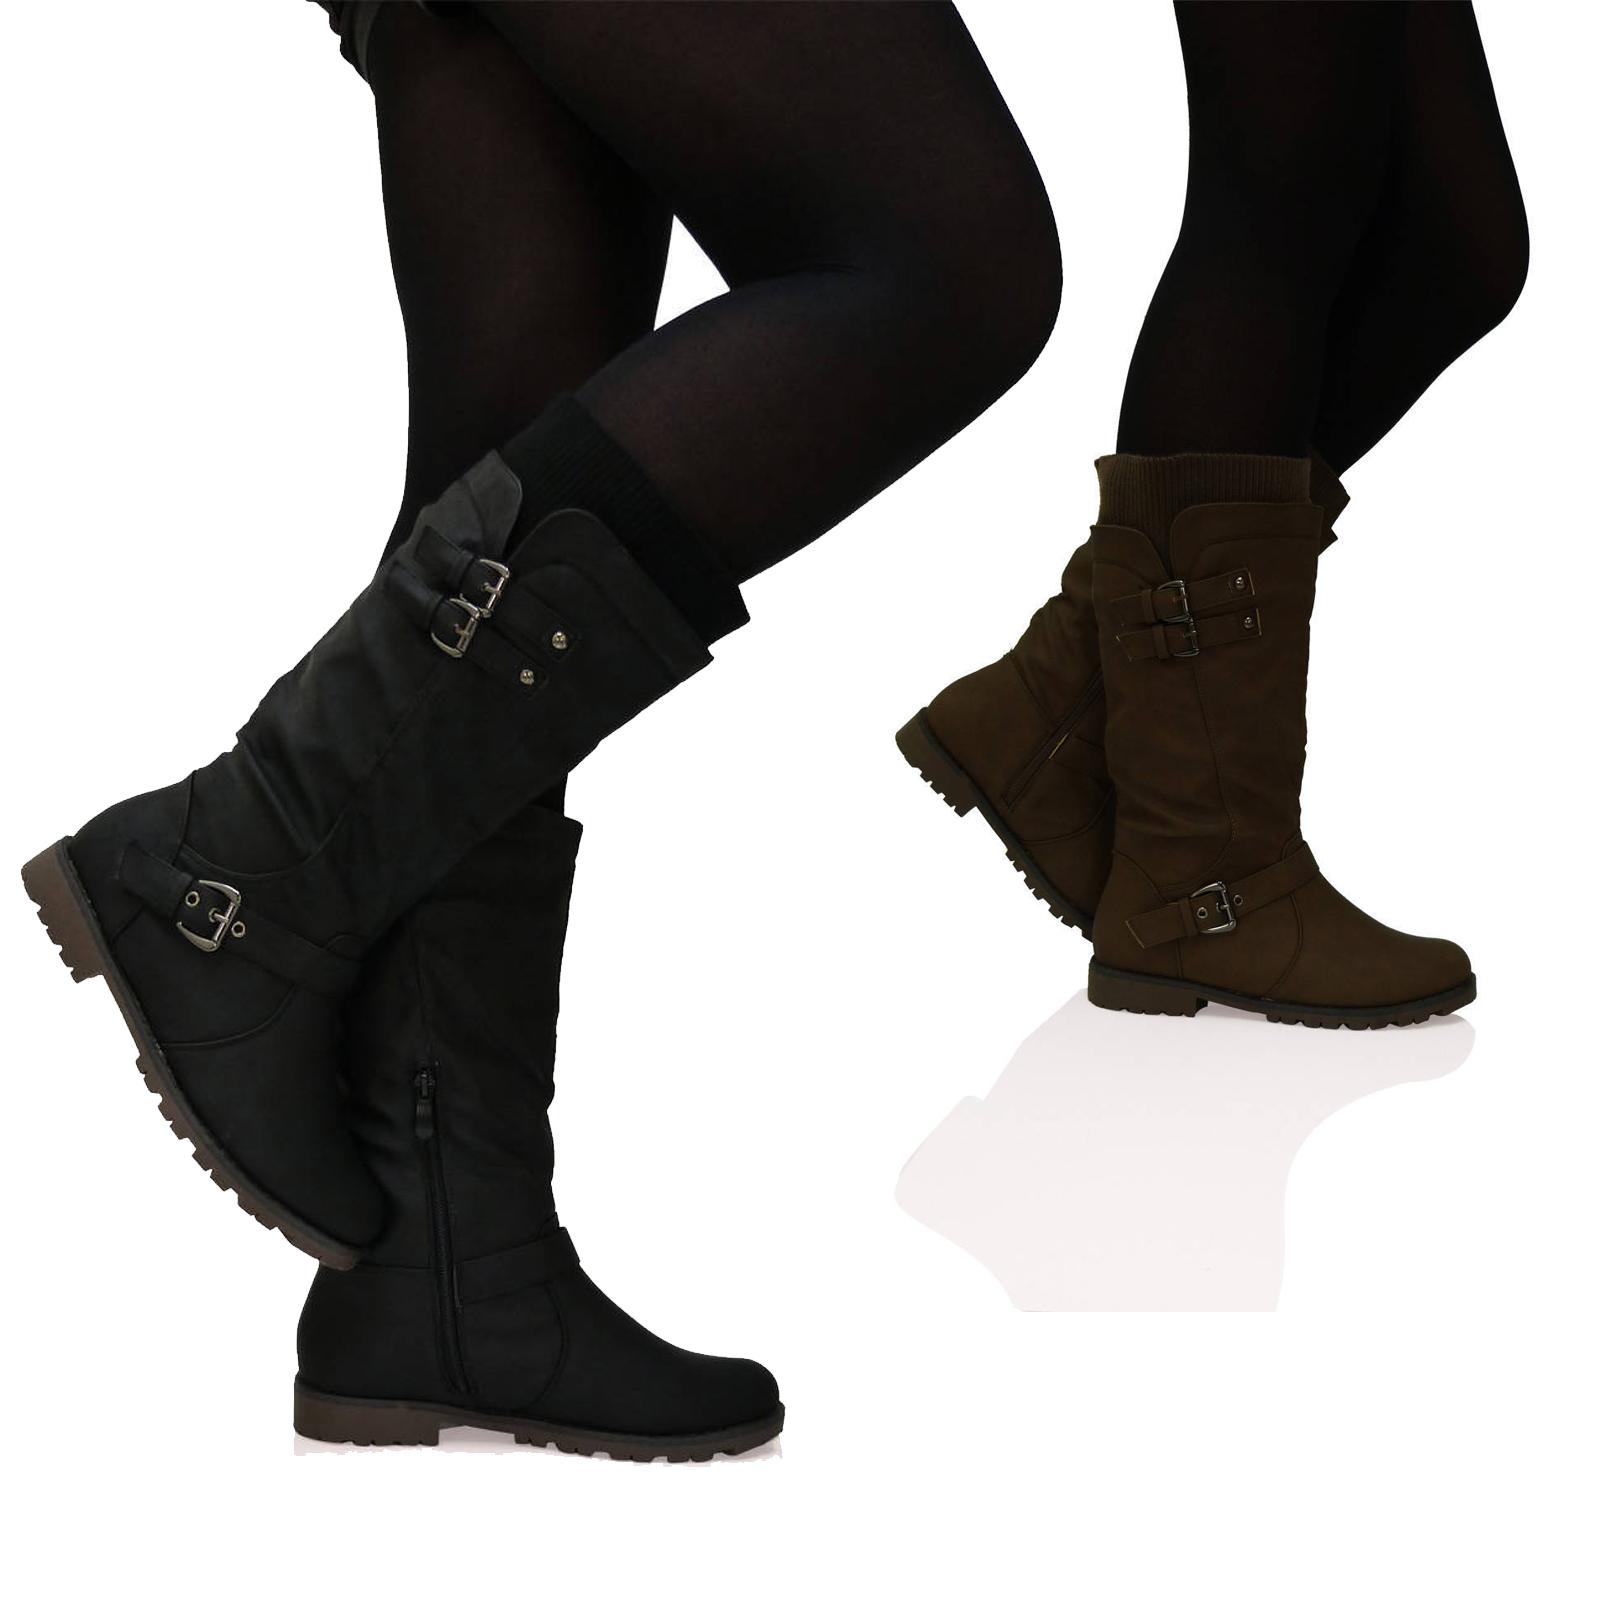 d6z womens sock fashion buckle biker trendy